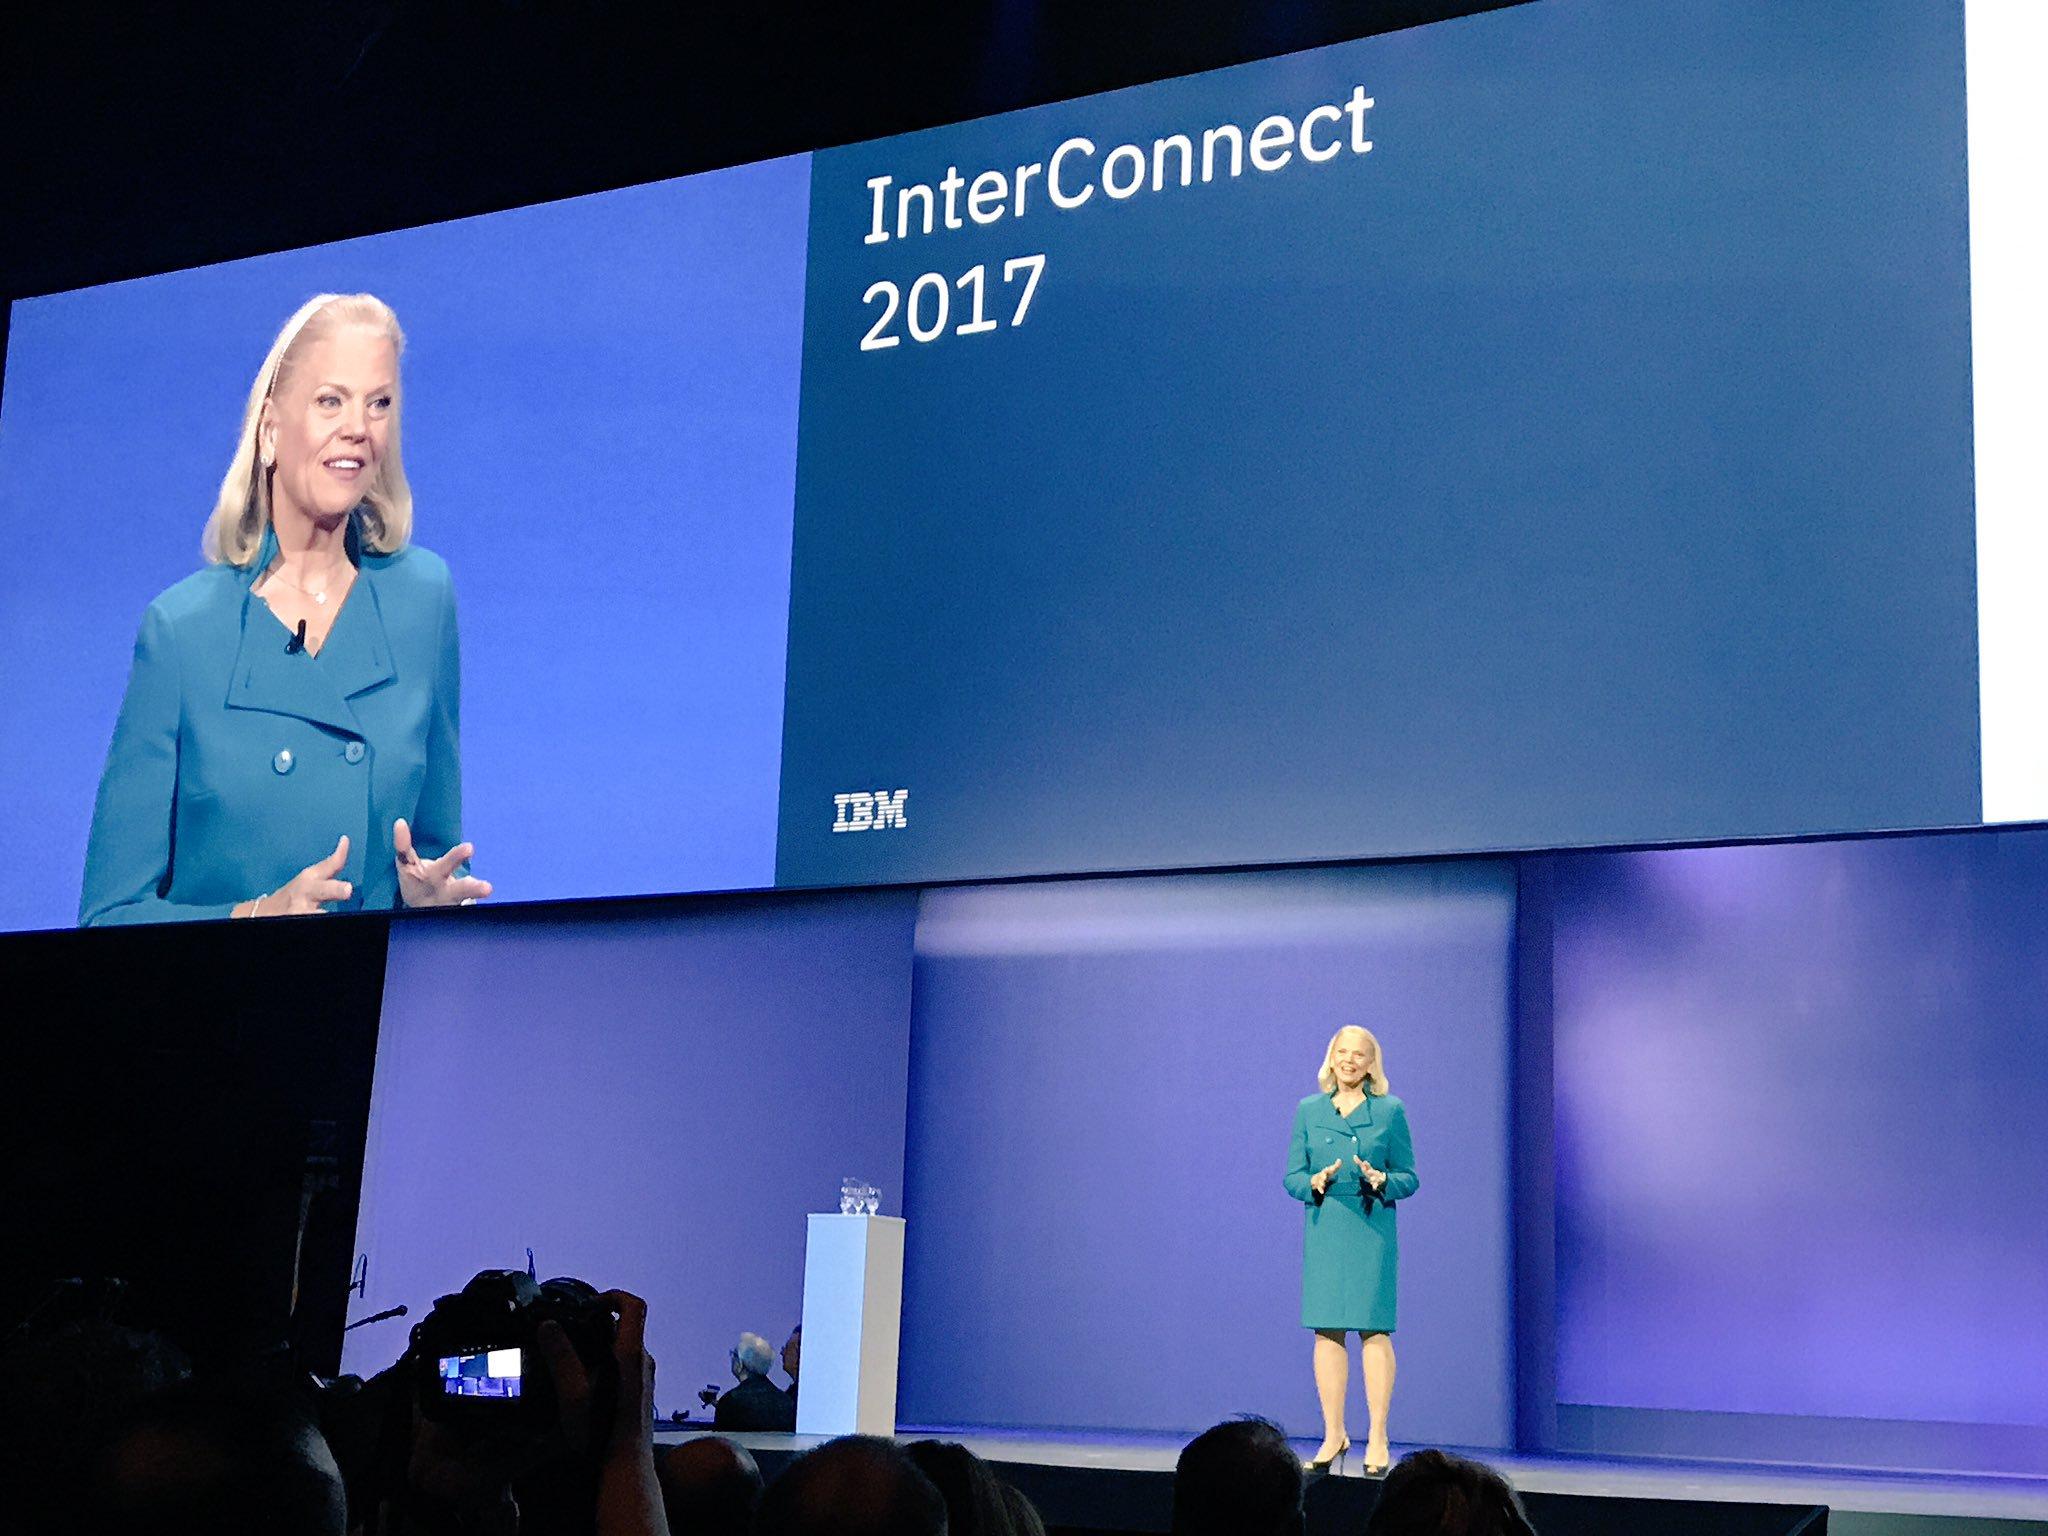 """Ginni Rometty CEO de IBM - IBM: """"La data, IoT y dispositivos móviles, serán los recursos que regirán la construcción de negocios en el mundo"""""""